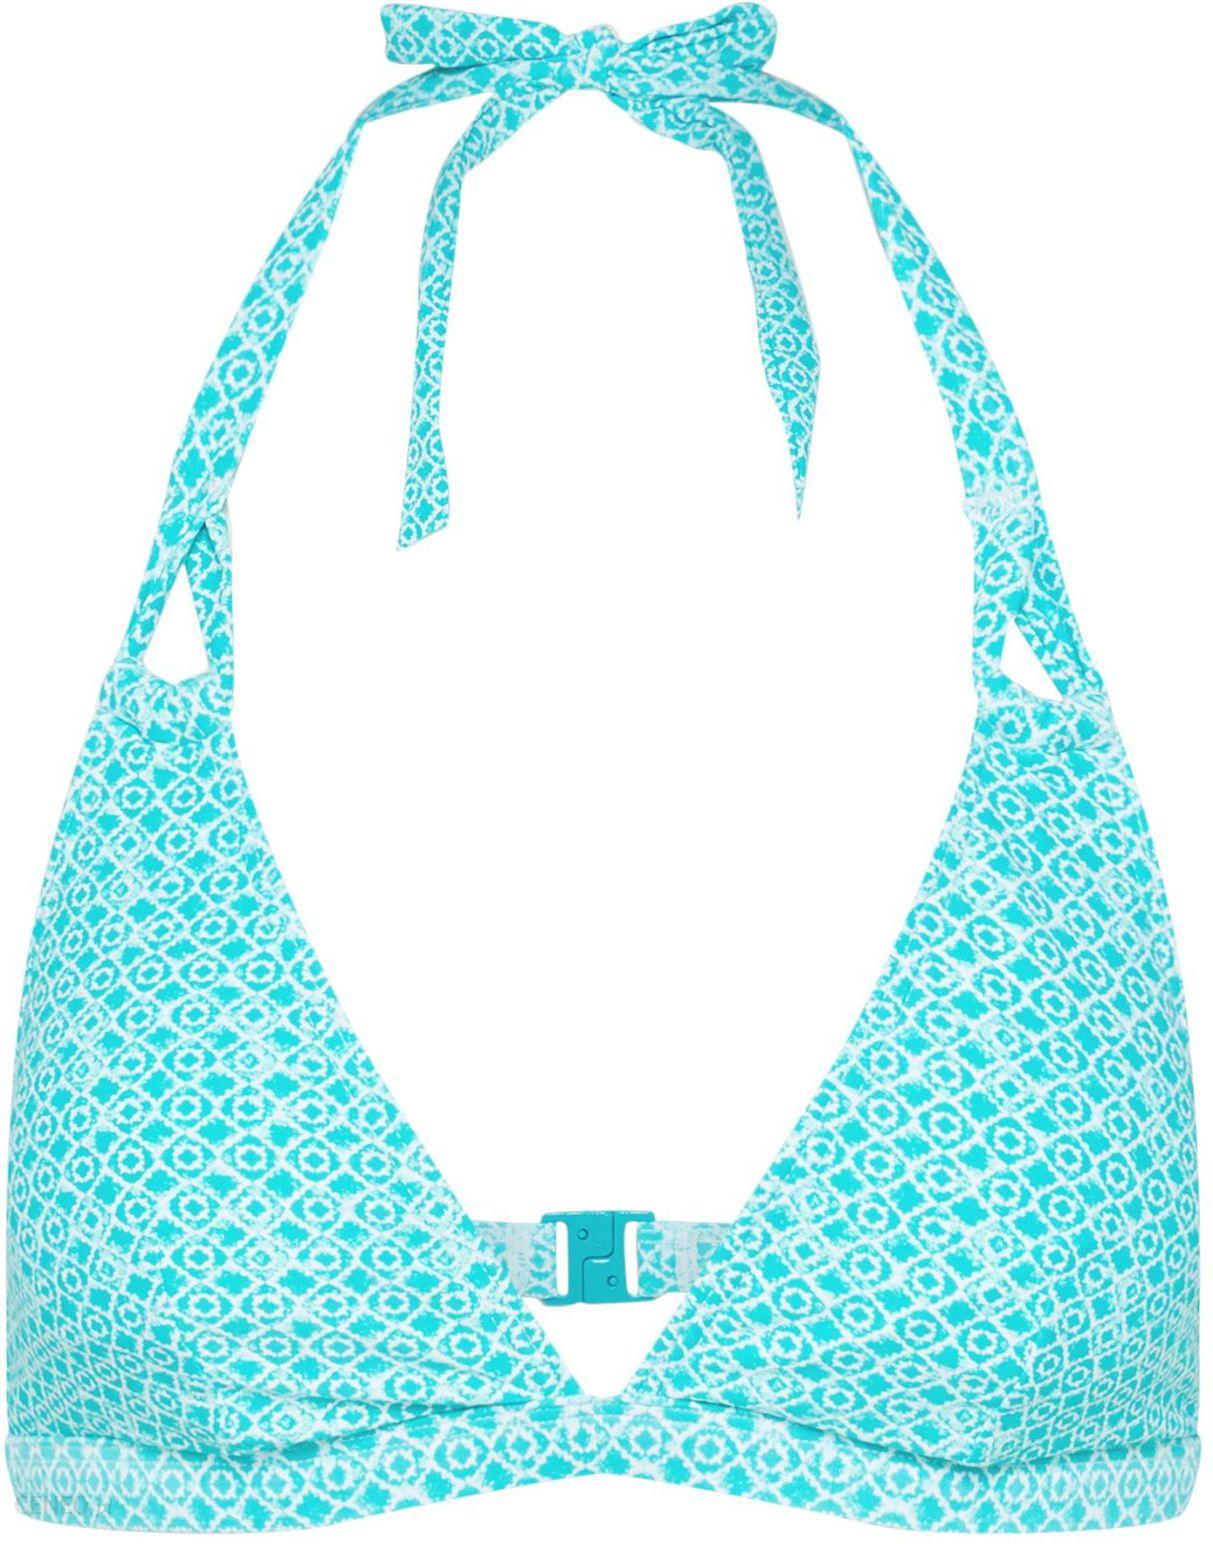 2ac9a65913391e ESPRIT Bikini góra 'SAPPHIRE BEACH' Turkusowy - Ceny i opinie - Ceneo.pl